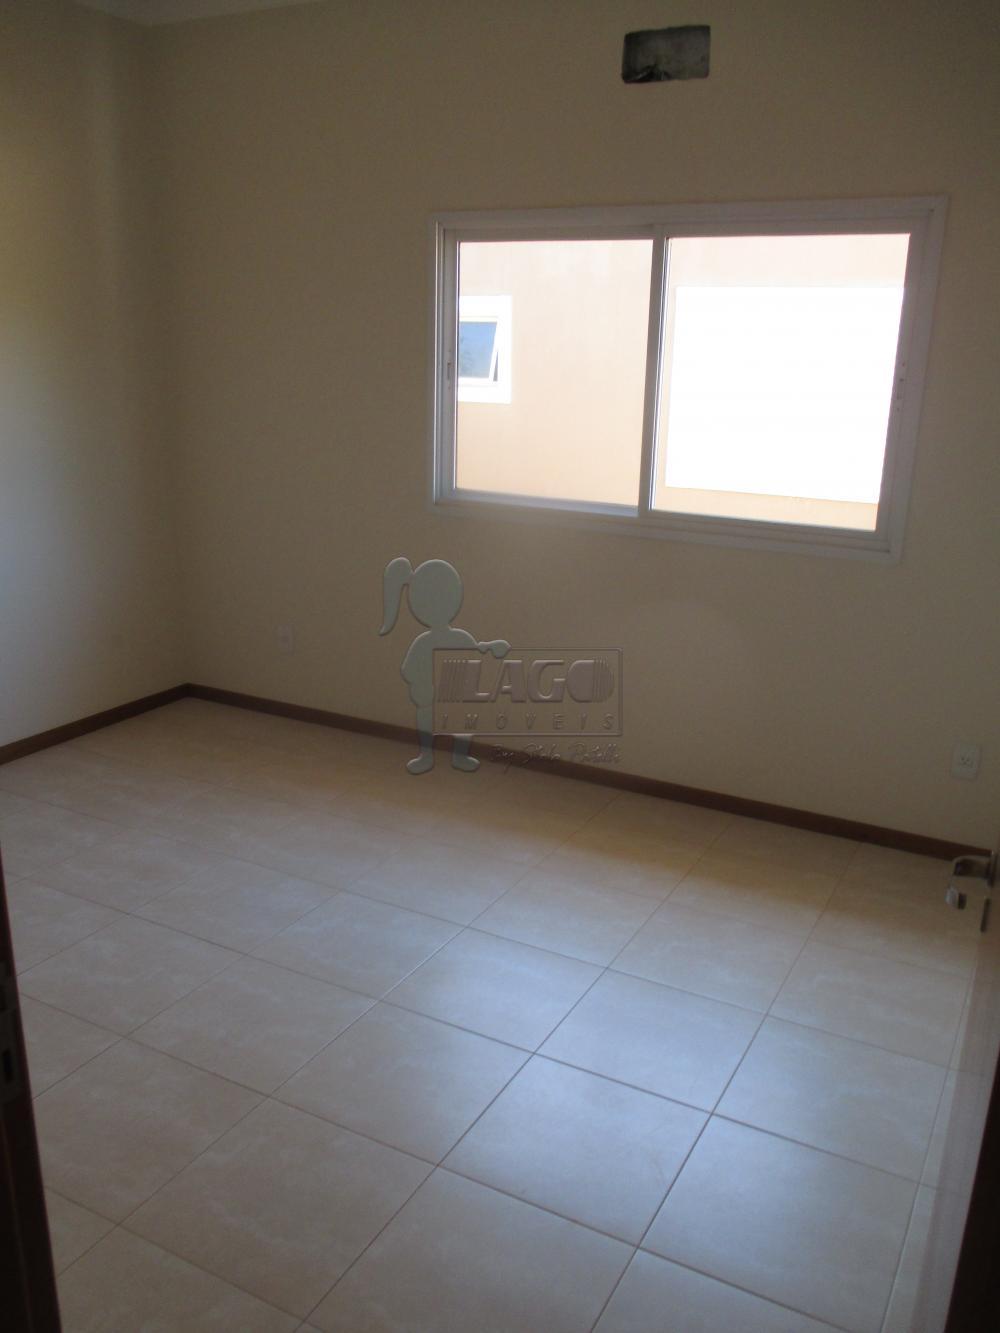 Alugar Casas / Condomínio em Bonfim Paulista apenas R$ 4.500,00 - Foto 17